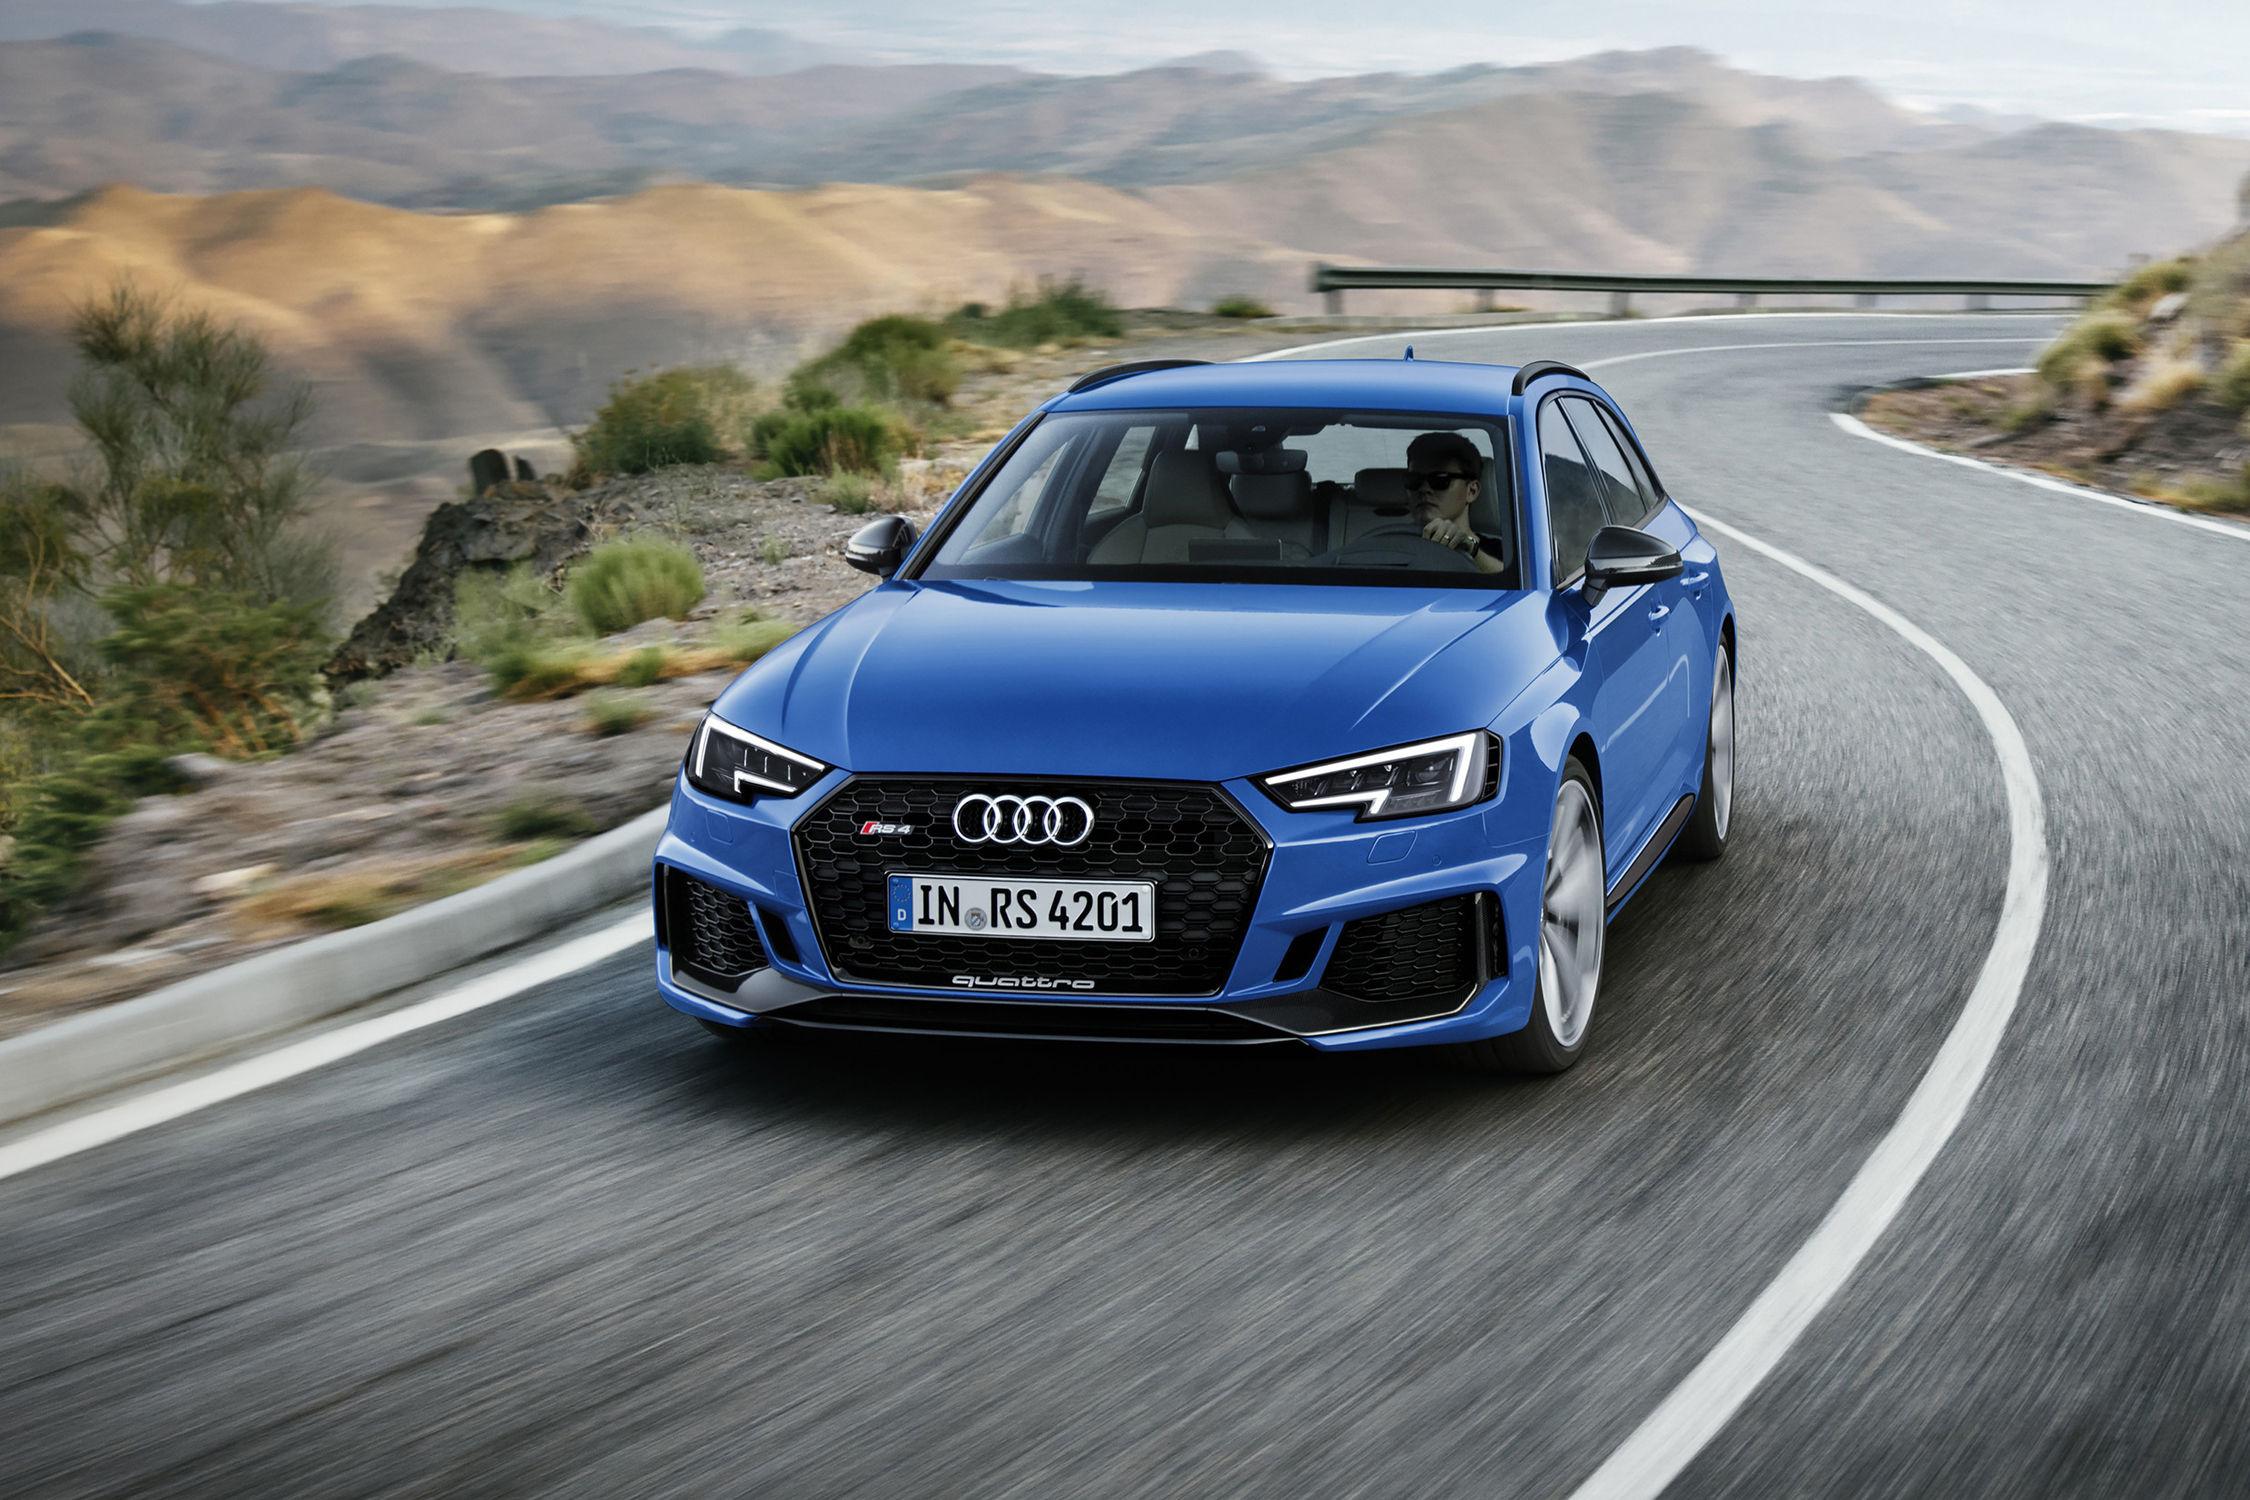 Audi Sport : cinq nouveaux modèles attendus d'ici à 2020 - actualité automobile - Motorlegend